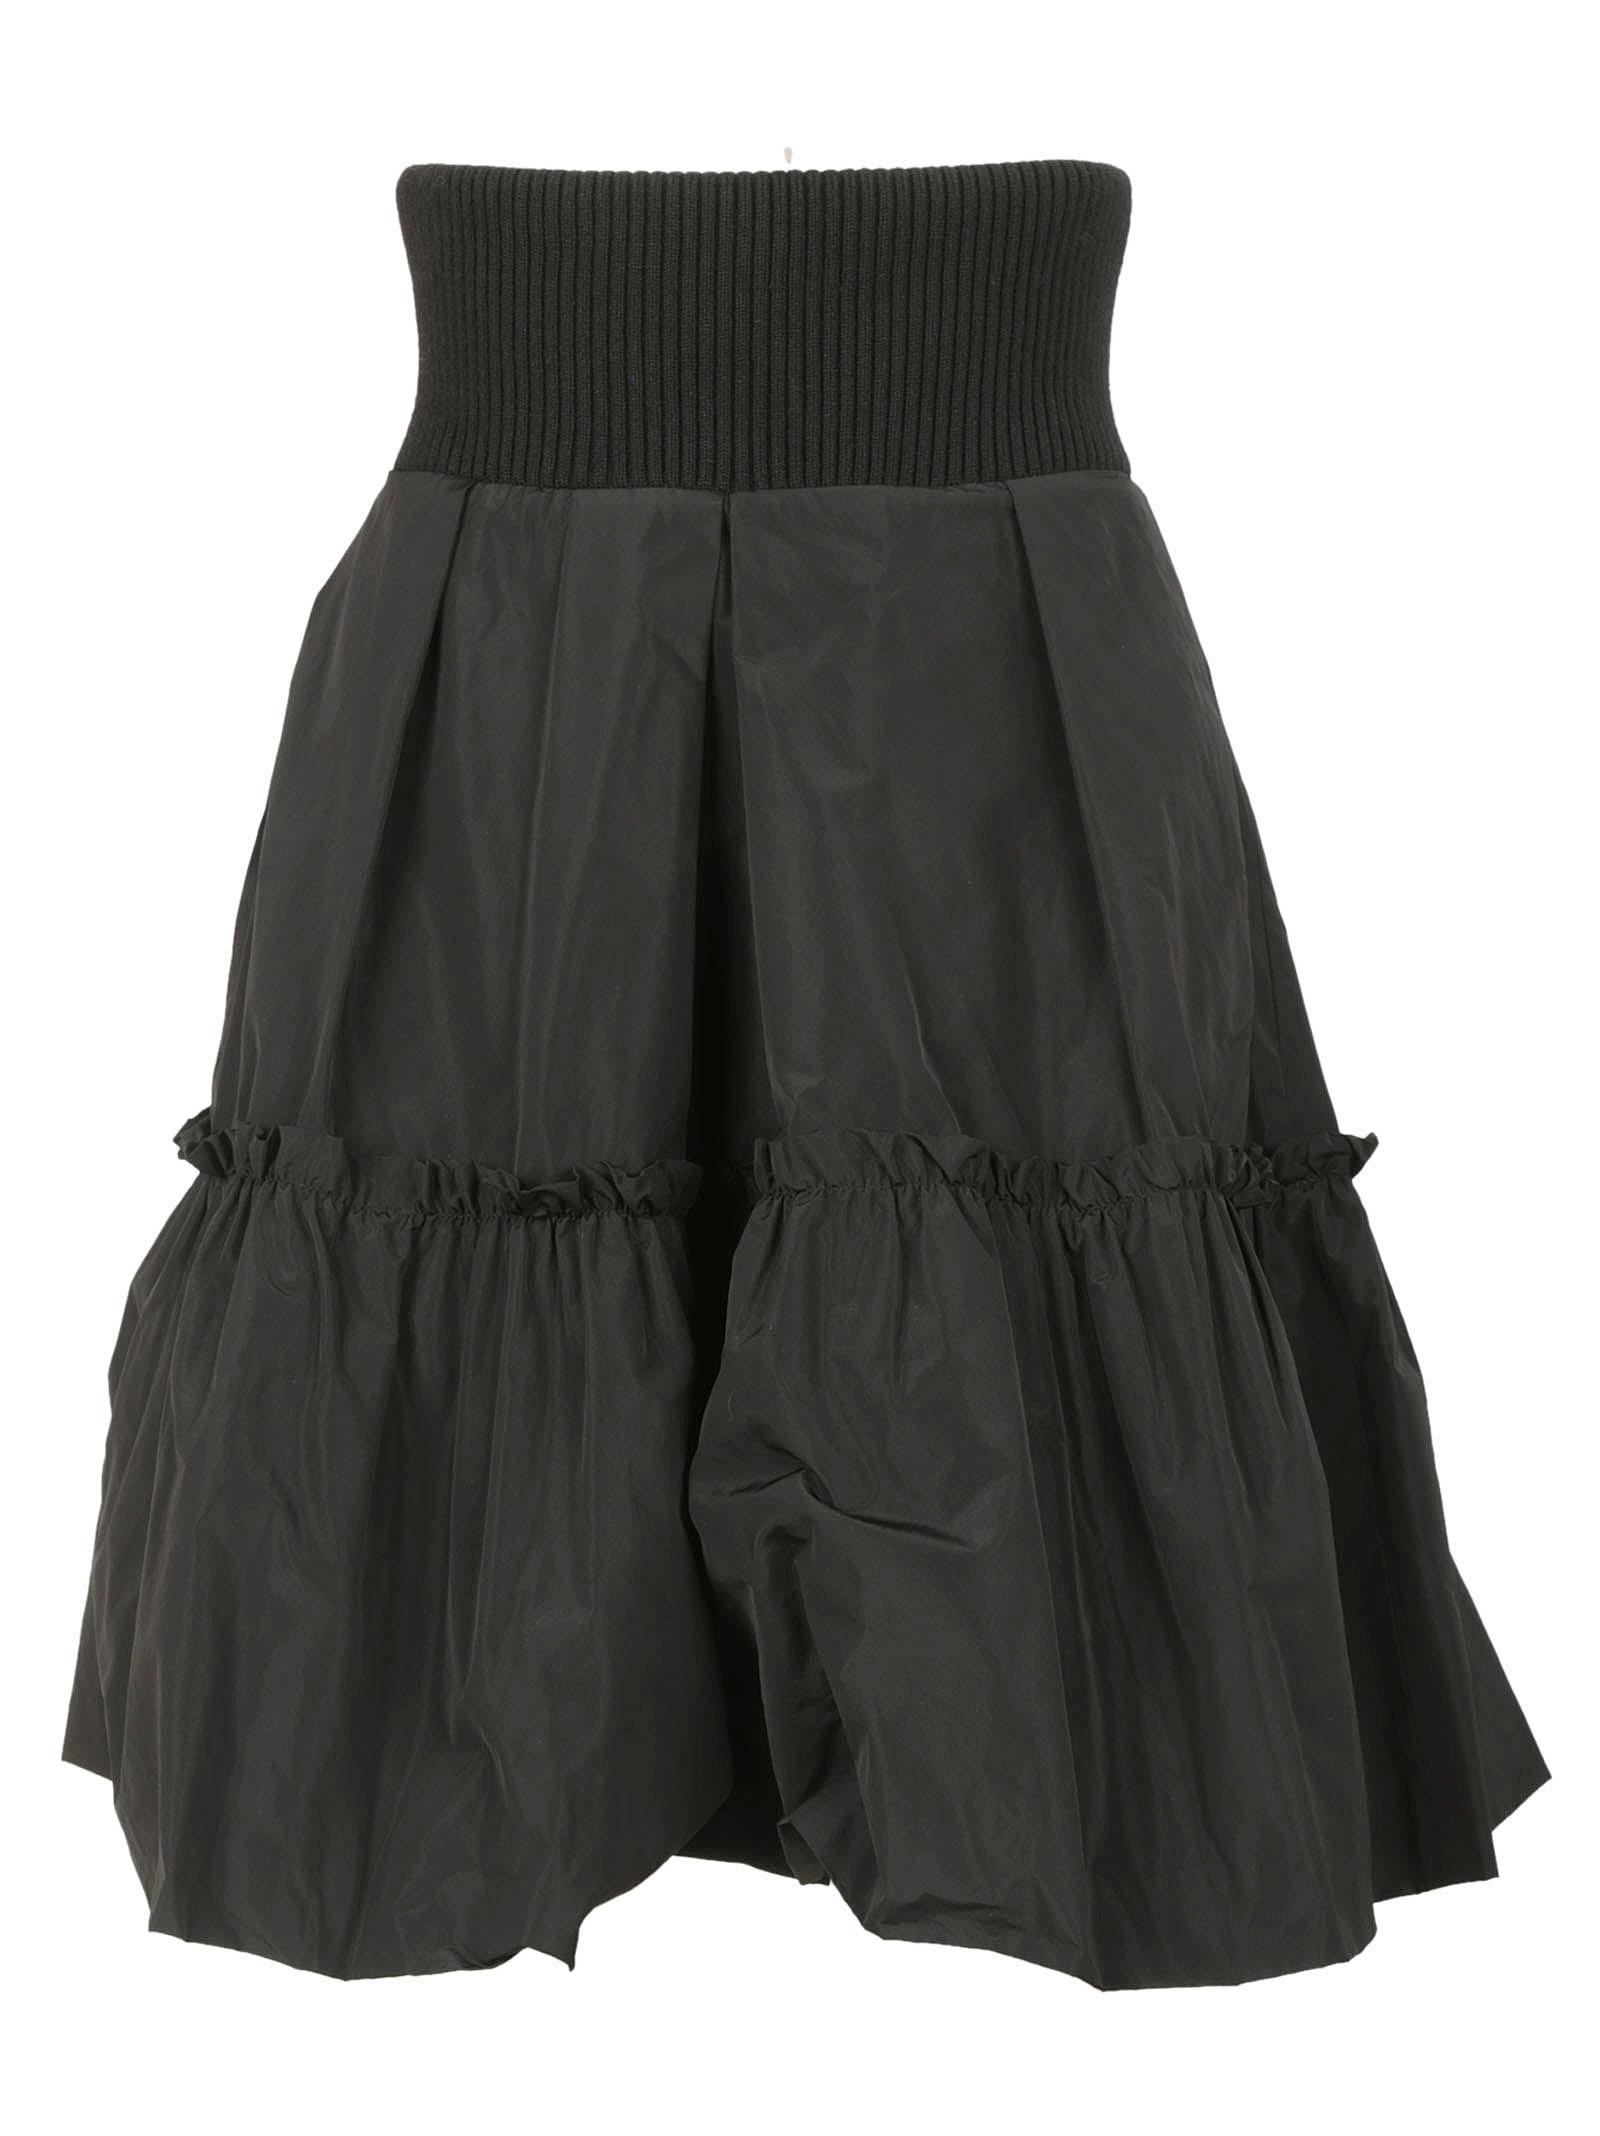 Moncler Ruffled A-line Skirt